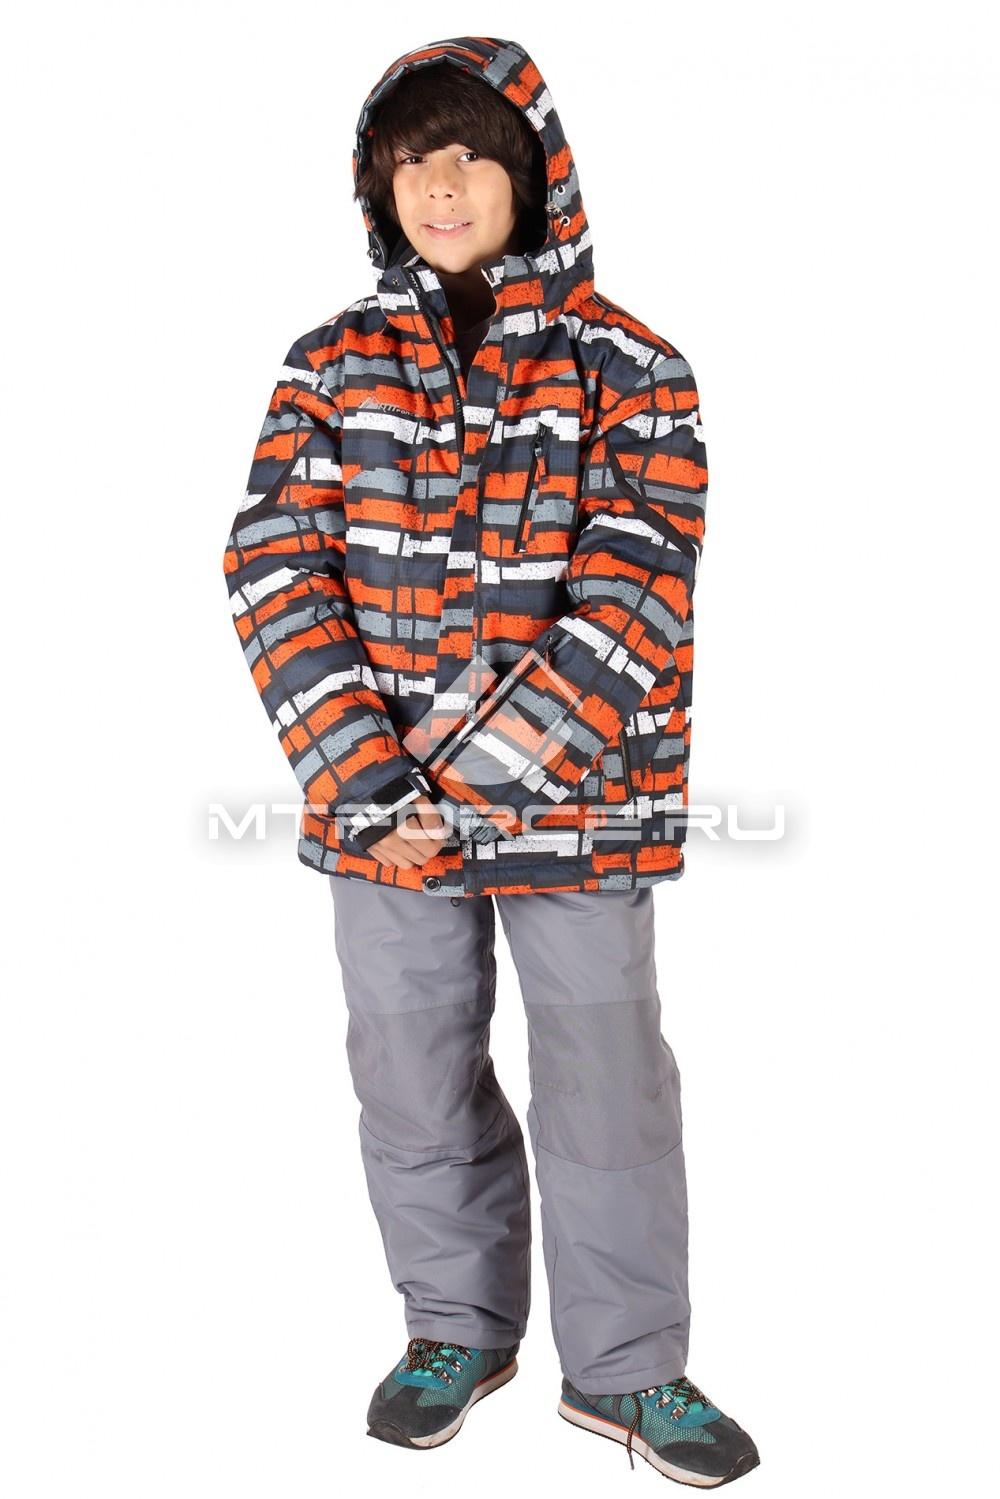 Купить оптом Костюм горнолыжный  для мальчика оранжевого  цвета 421O